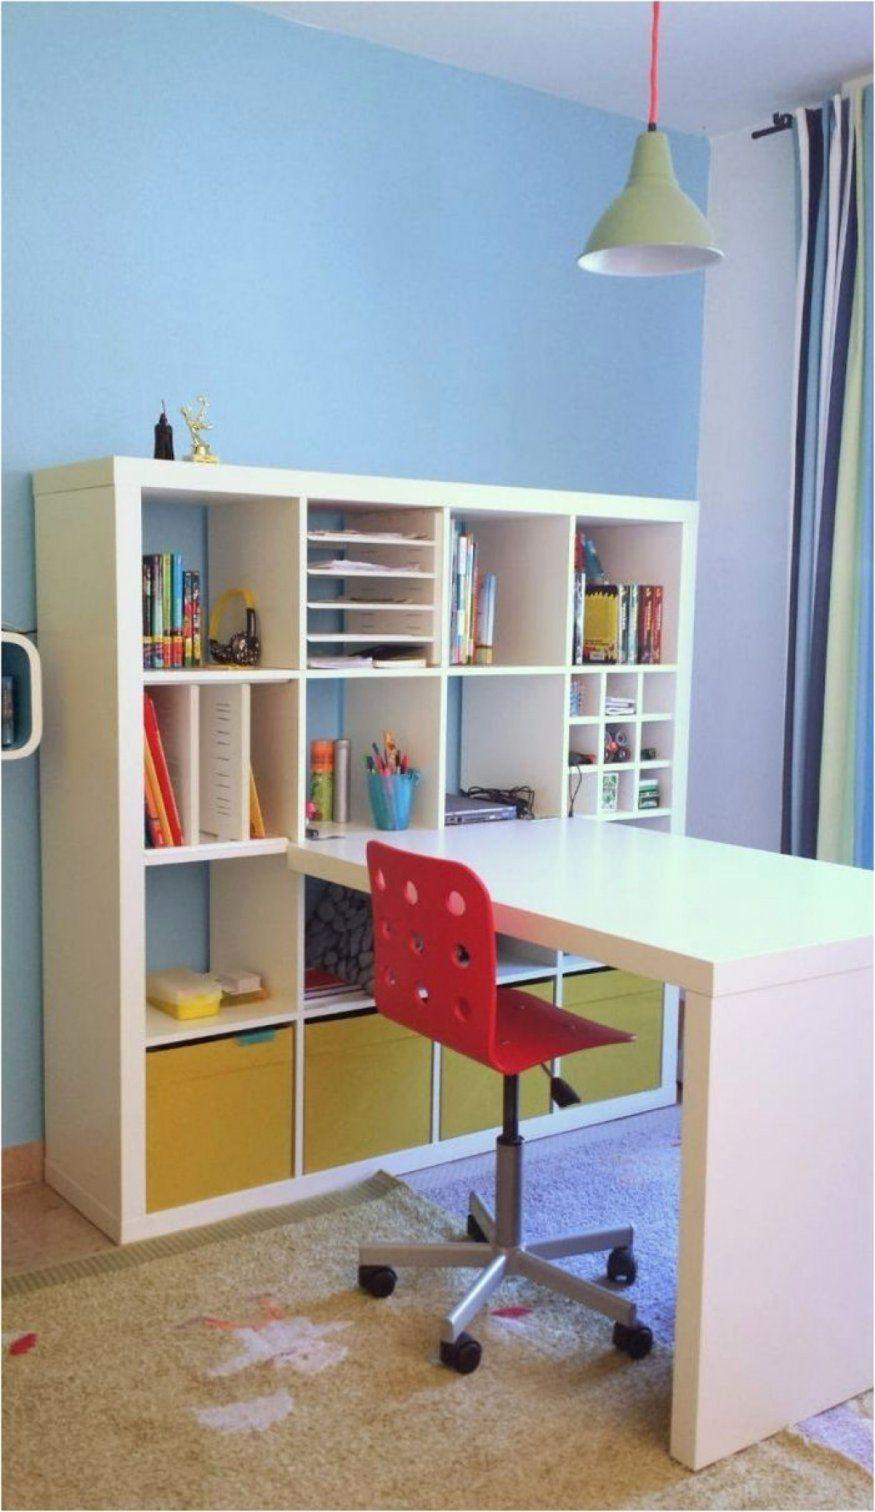 Aufbewahrung Regal Kinderzimmer Frisch Bloomingville Bokhylla M L von Regal Mit Aufbewahrungsboxen Für Kinderzimmer Photo